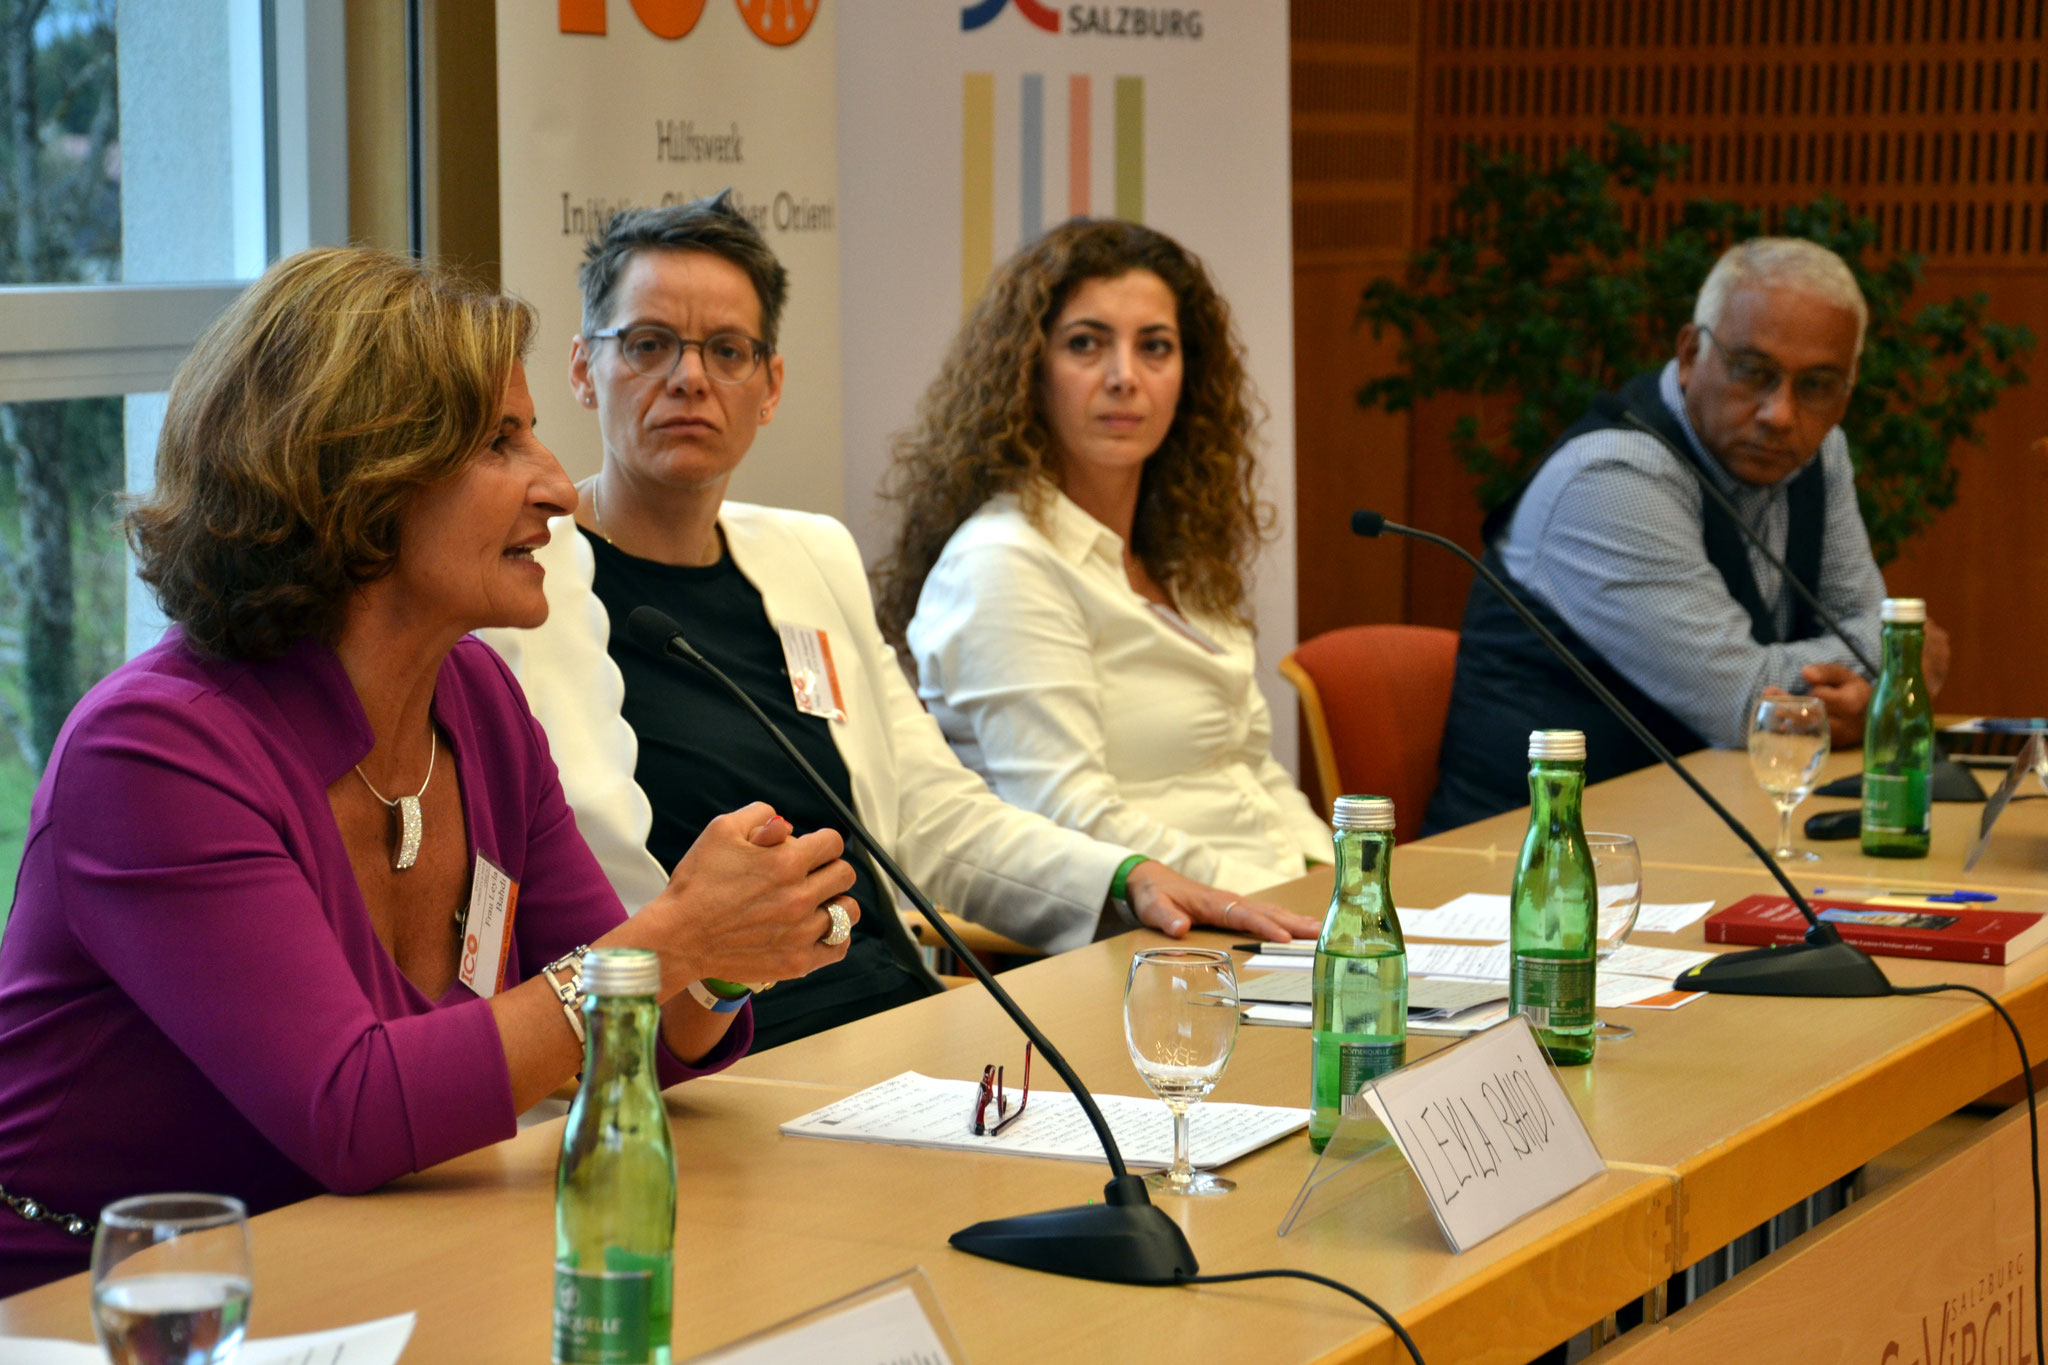 Engagiert wurde auf dem Podium und mit dem Publikum über Heimat, Migration und Integrationspolitik diskutiert.